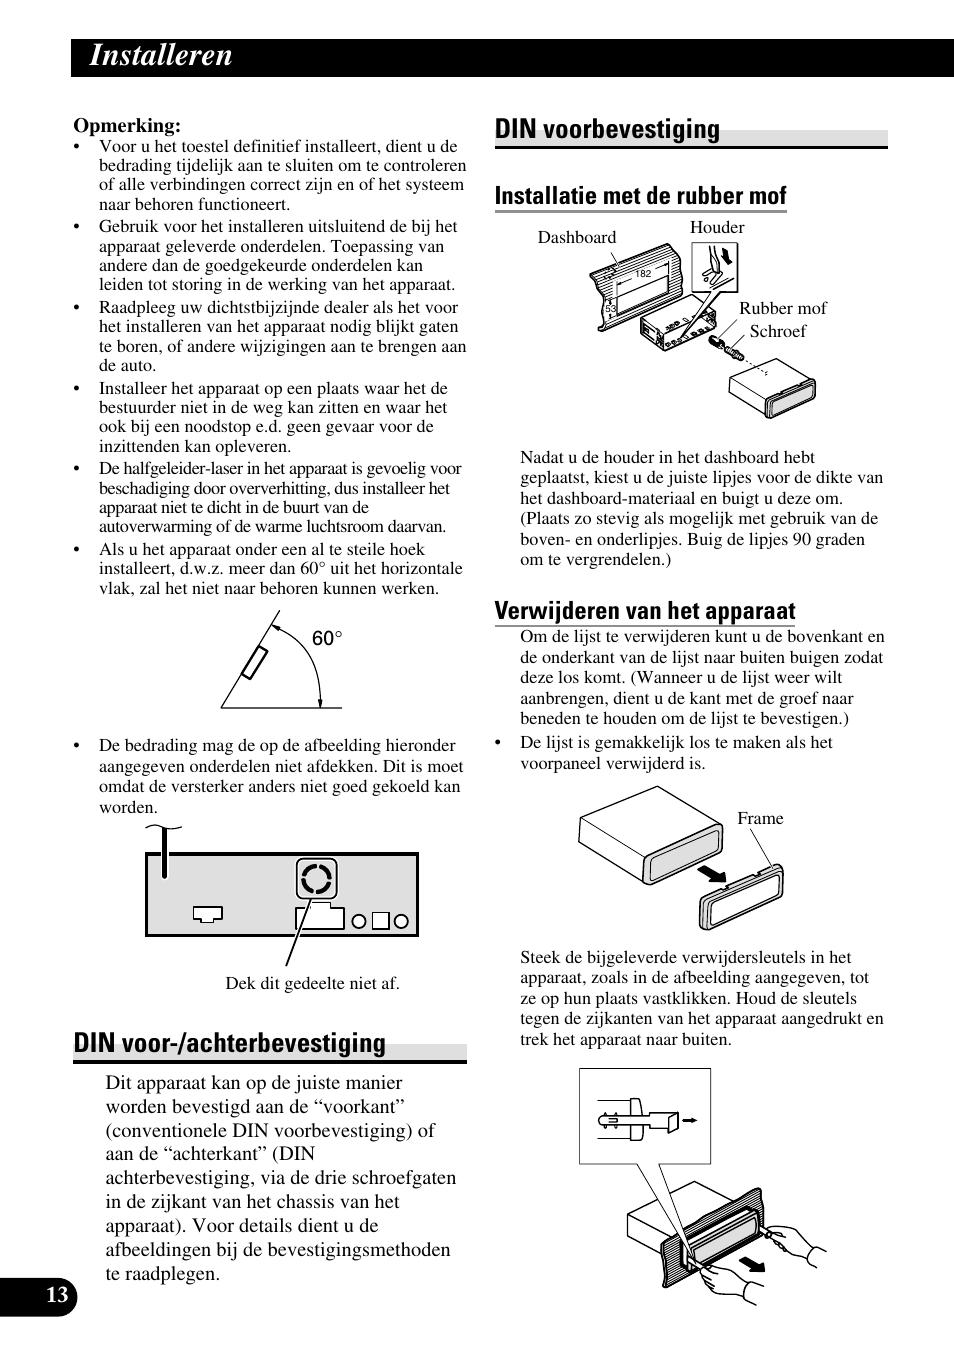 Installeren, Din voor-/achterbevestiging din